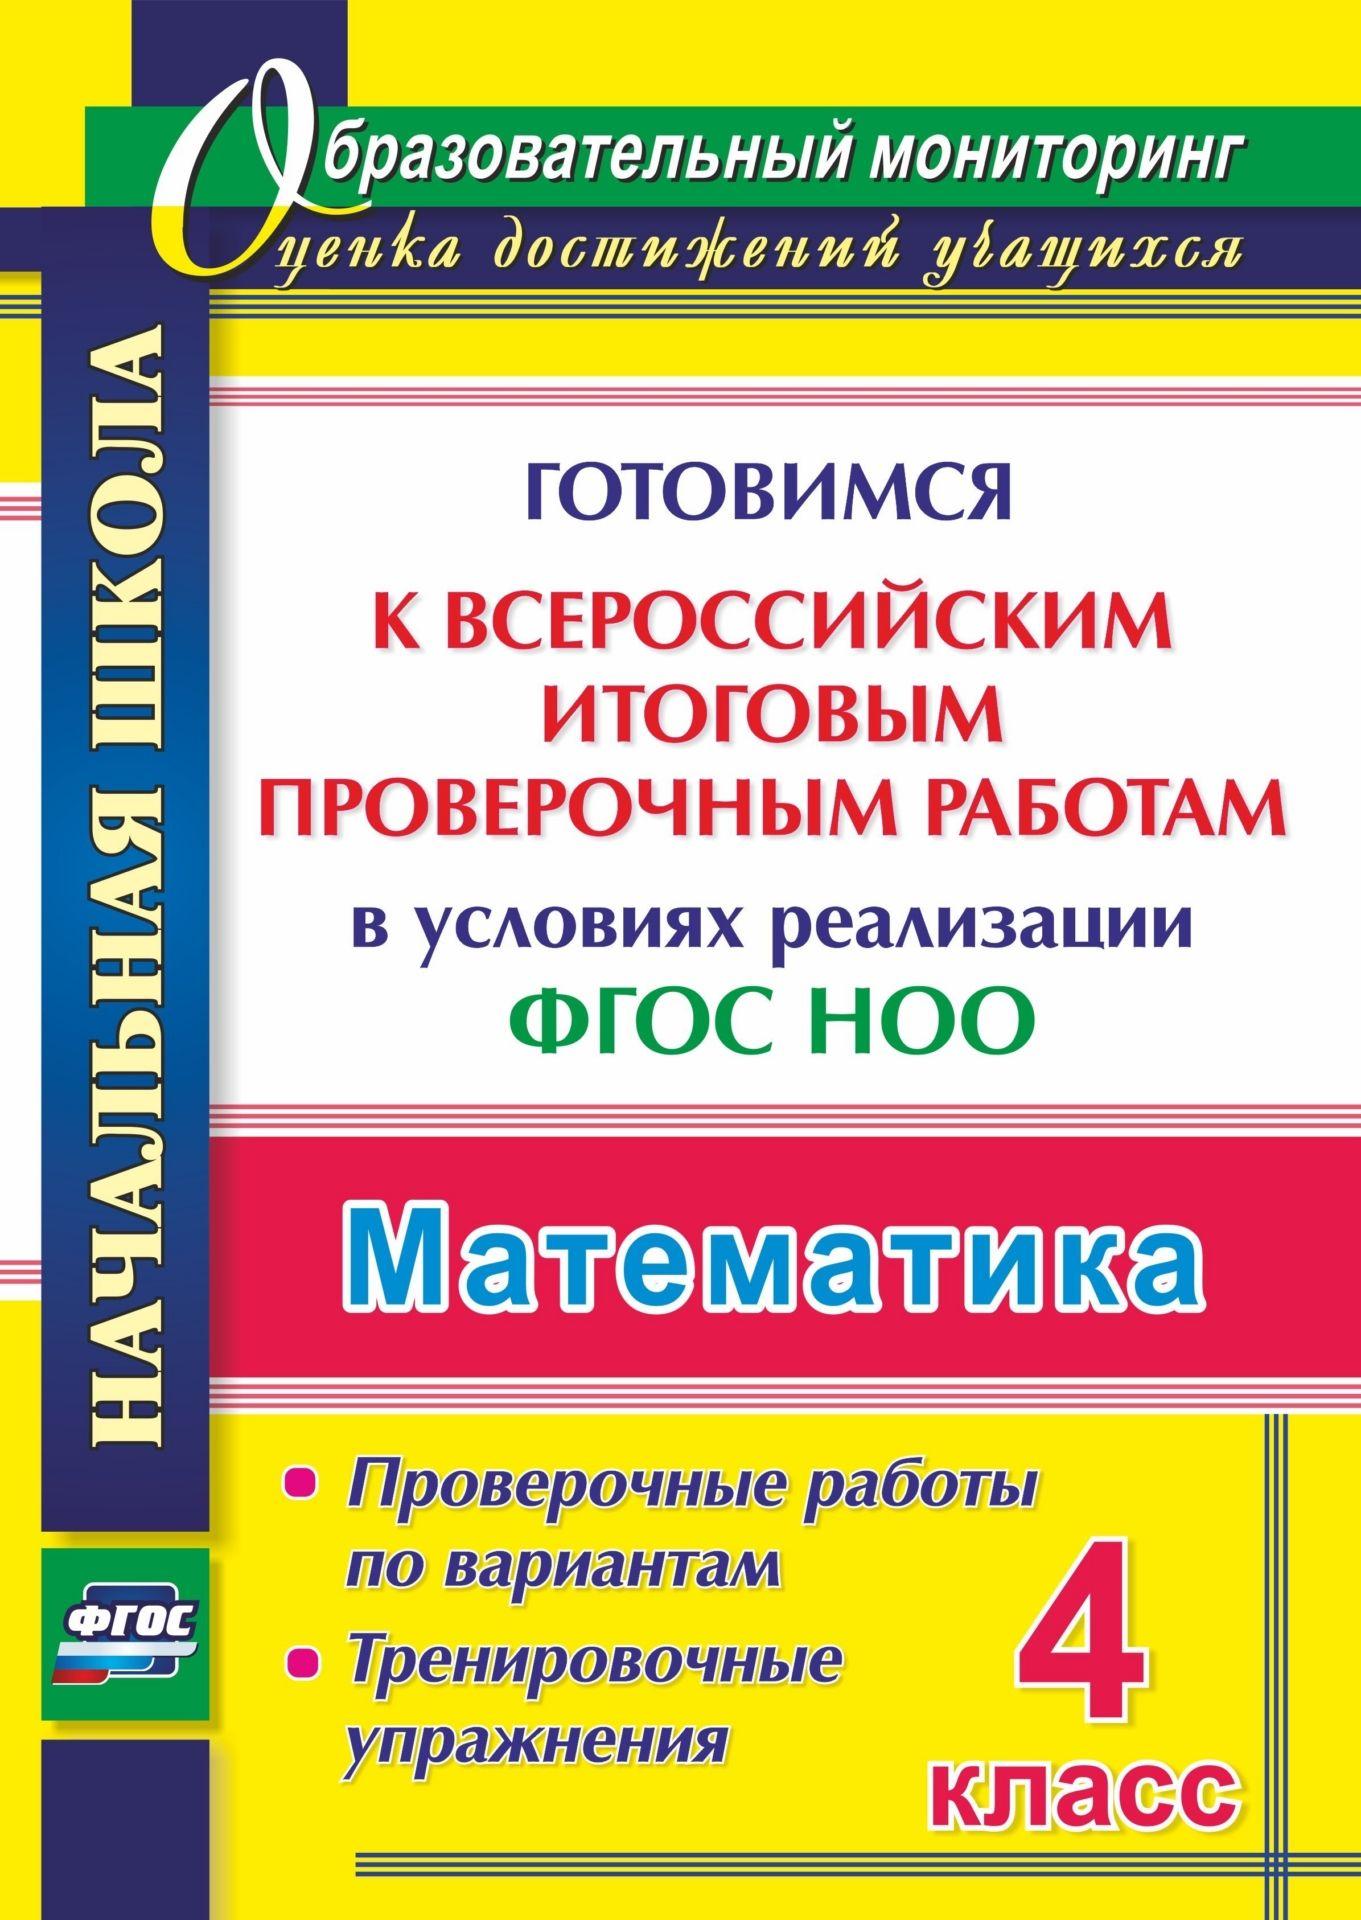 Математика. 4 класс. Готовимся к Всероссийским итоговым проверочным работам  в условиях реализации ФГОС НОО. Проверочные работы по вариантам. Тренировочные упражнения. Программа для установки через Интернет